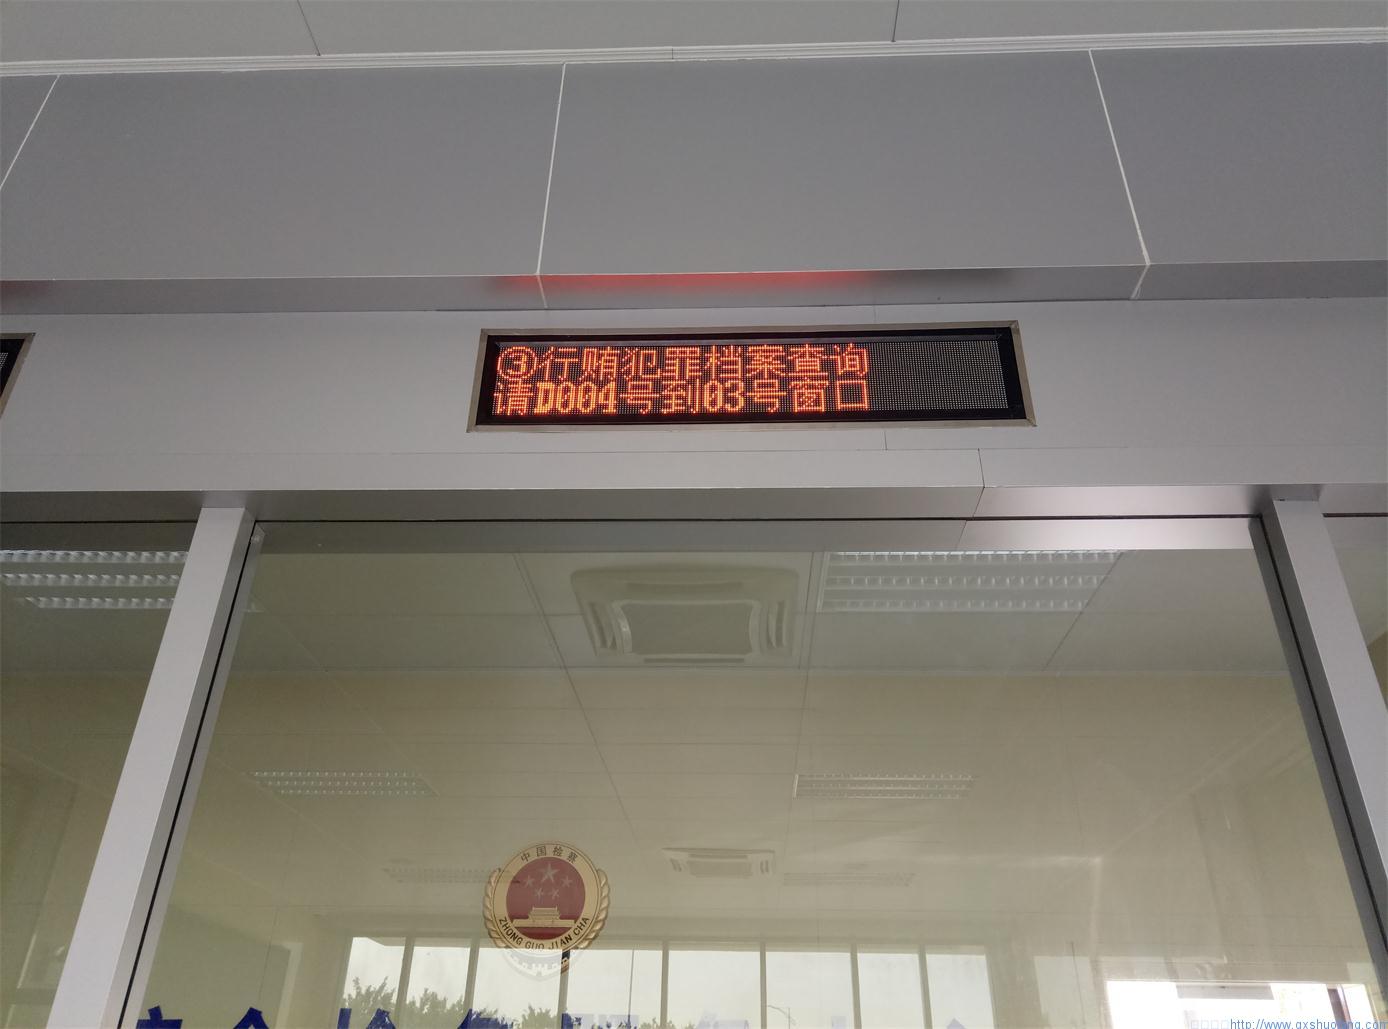 防城港南宁市西乡塘人民检察院排队机、触摸查询机和触摸查询软件项目